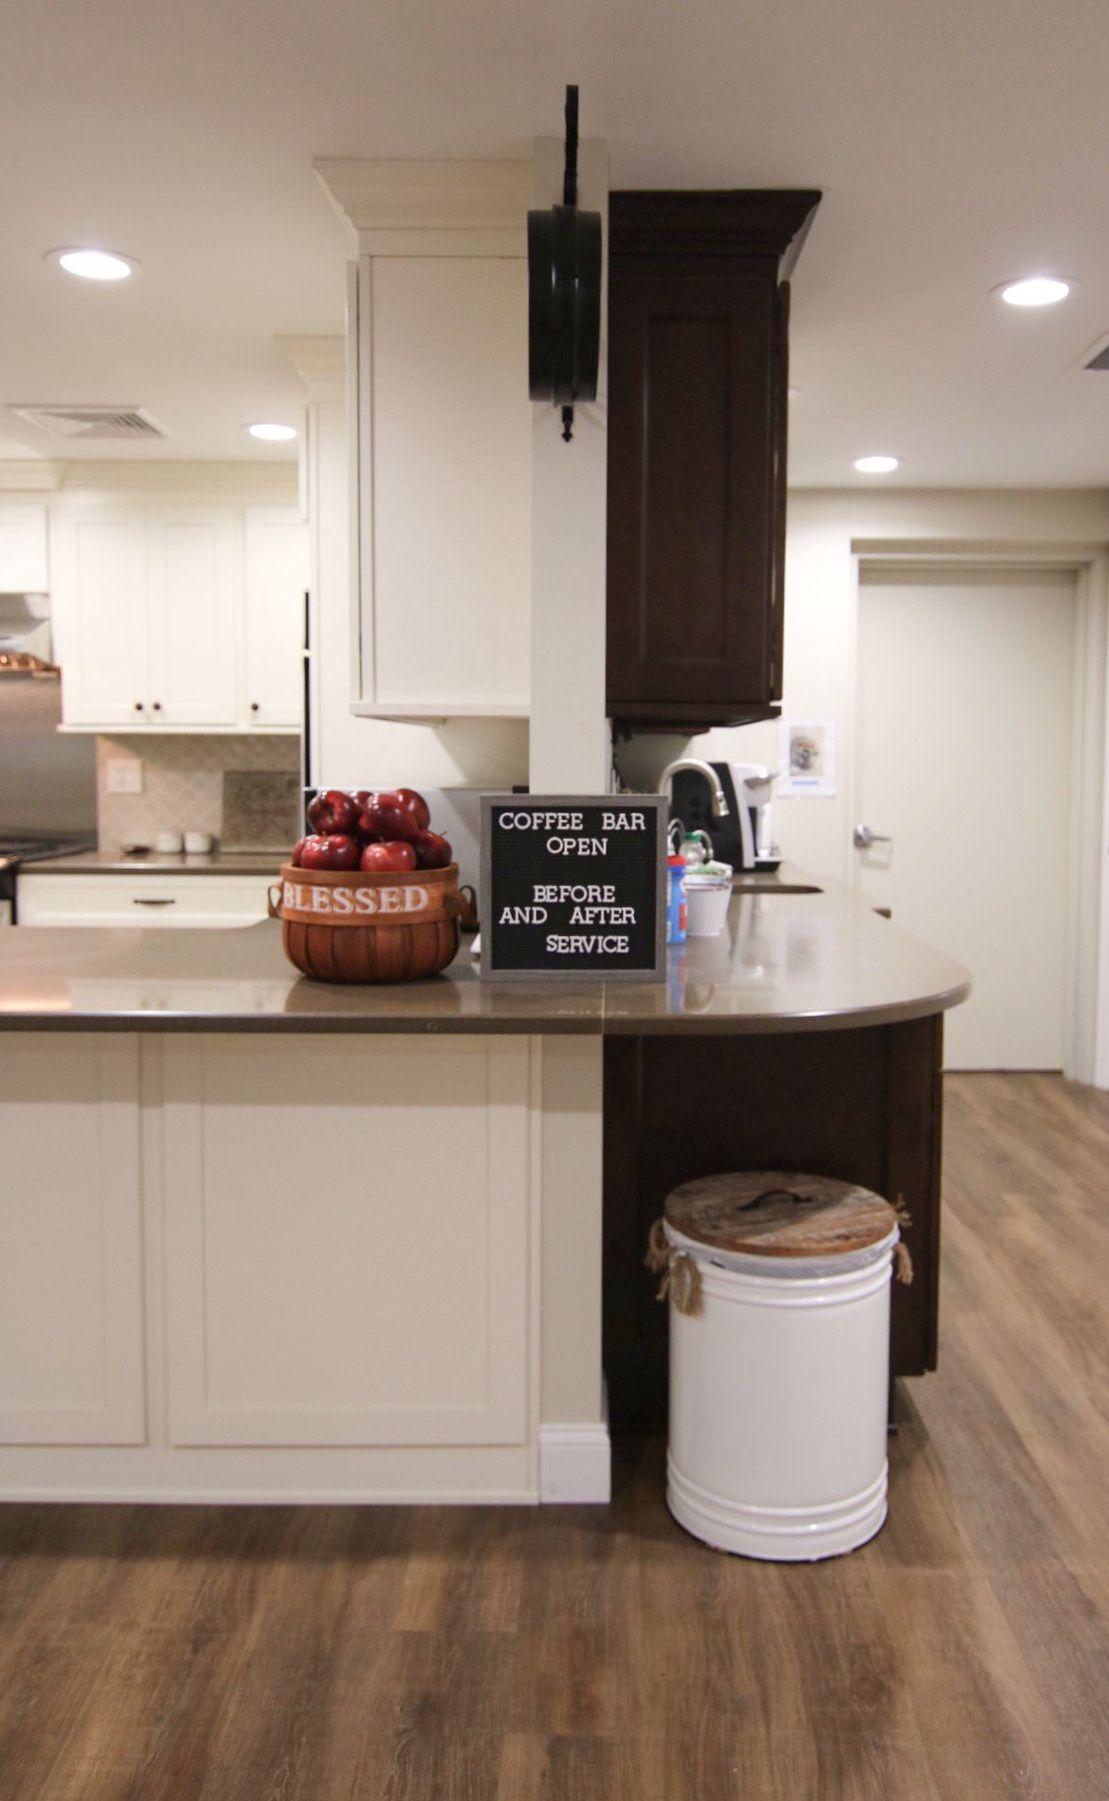 Openconceptkitchen Openconceptliving Openconcepthome Interiordesign Kitchenisland Kitchenislandseat Home Kitchens Kitchen Renovation High Quality Kitchen